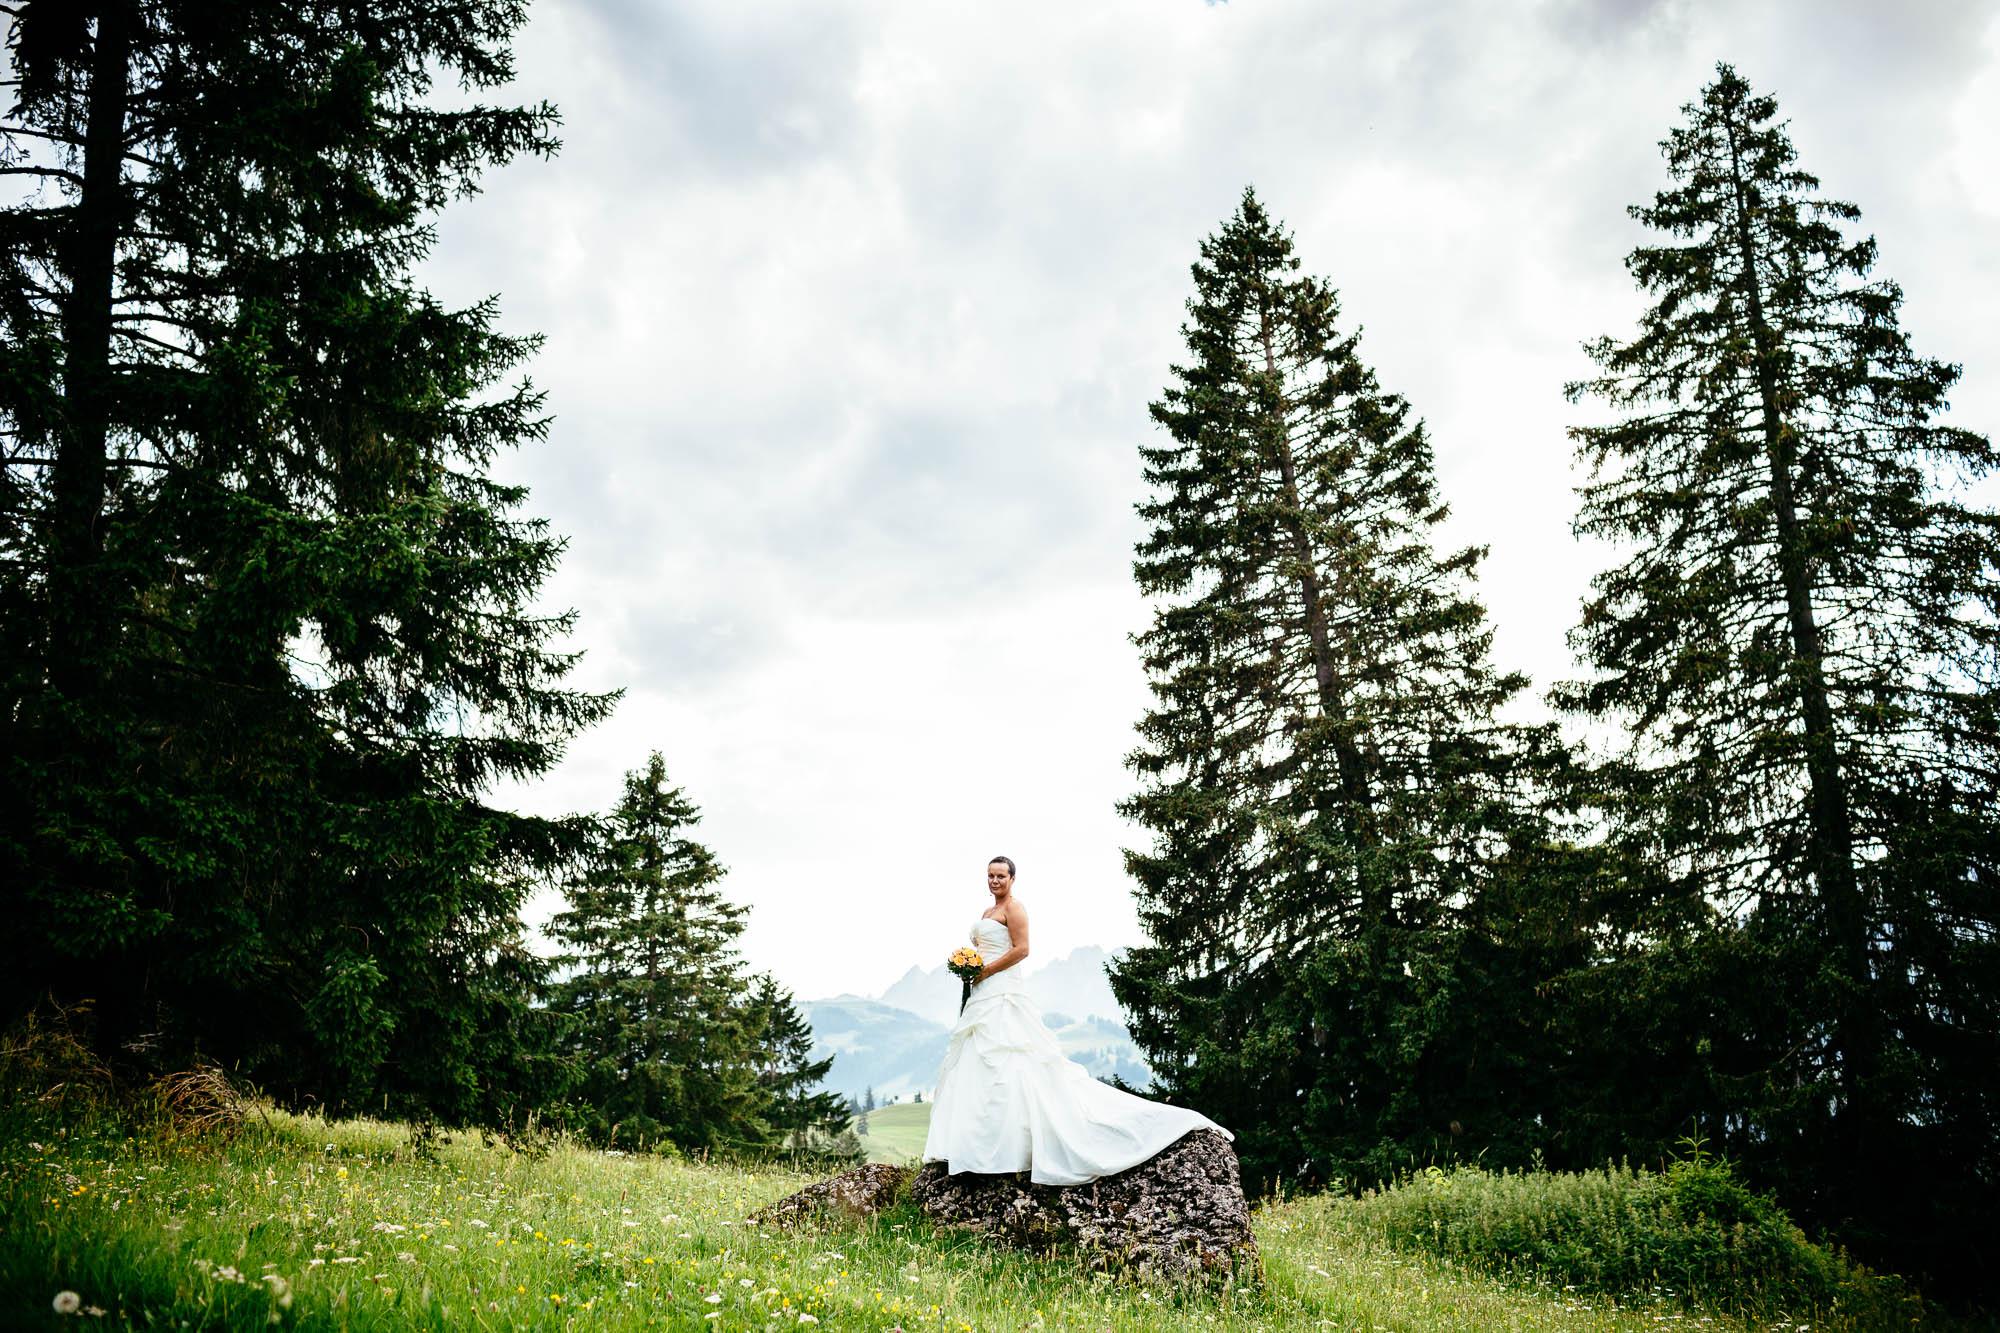 Braut steht auf einem Fels inmitten Alpwiese und hohen Tannen